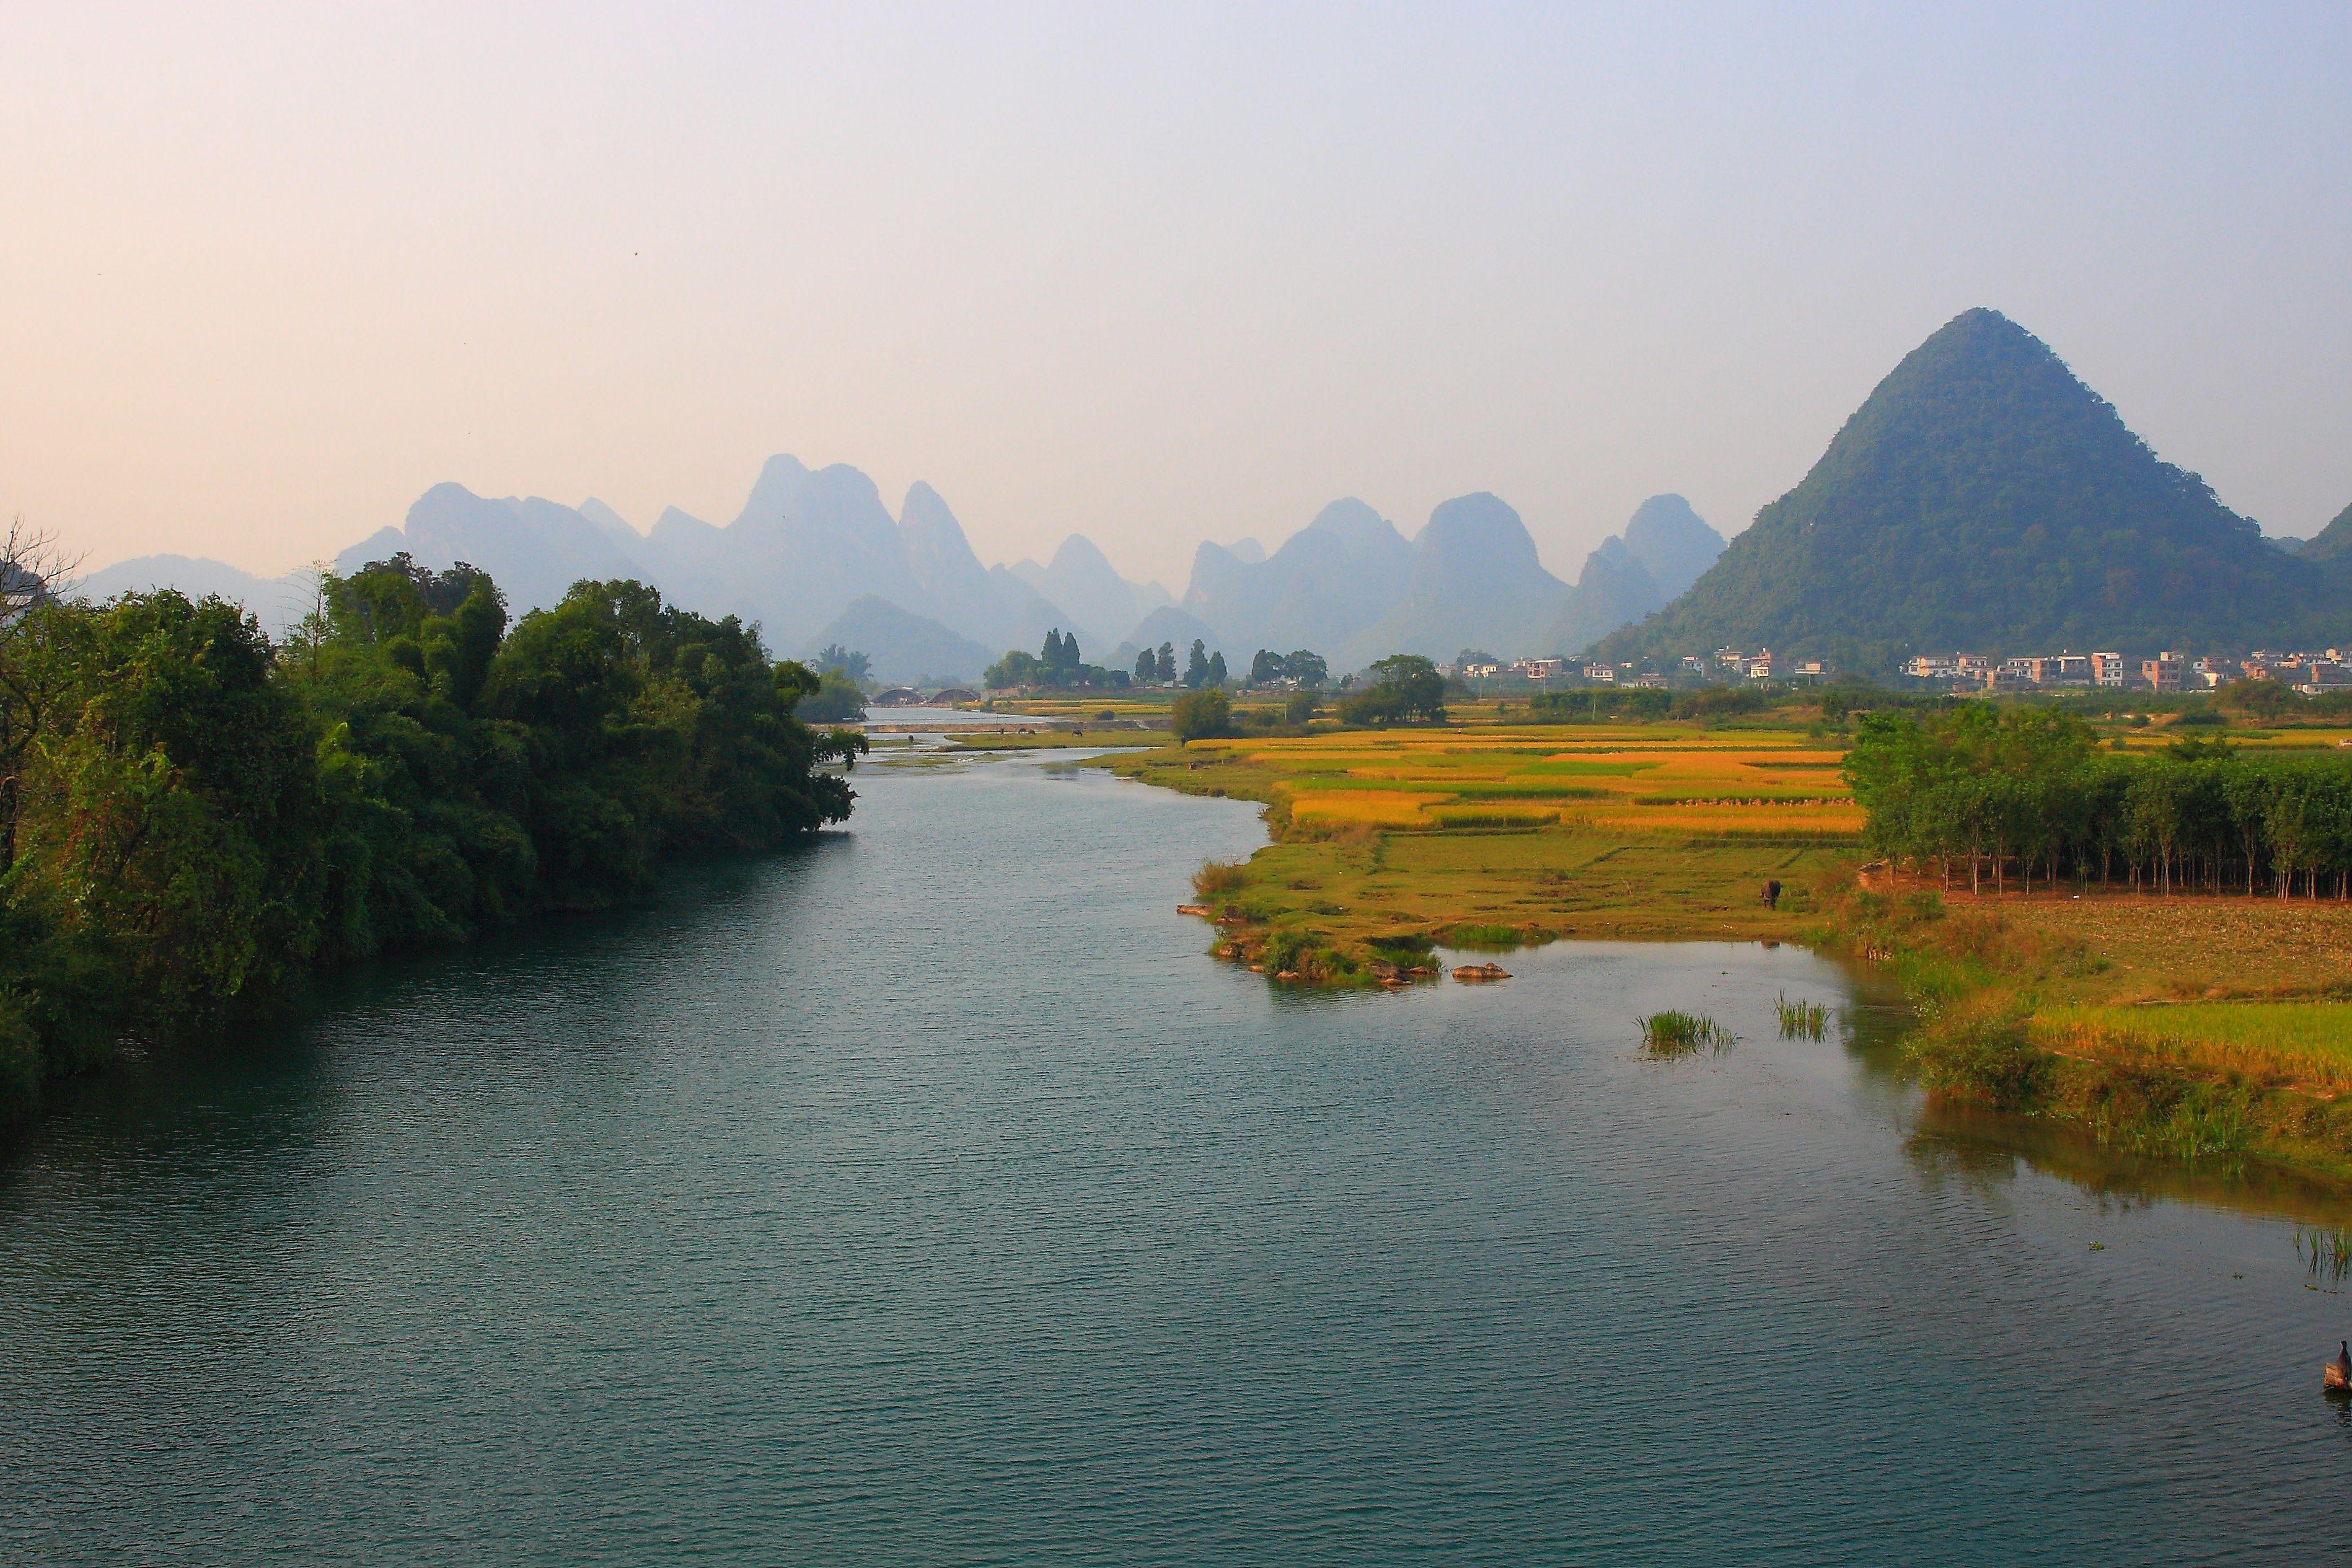 Yulong River, Guangxi